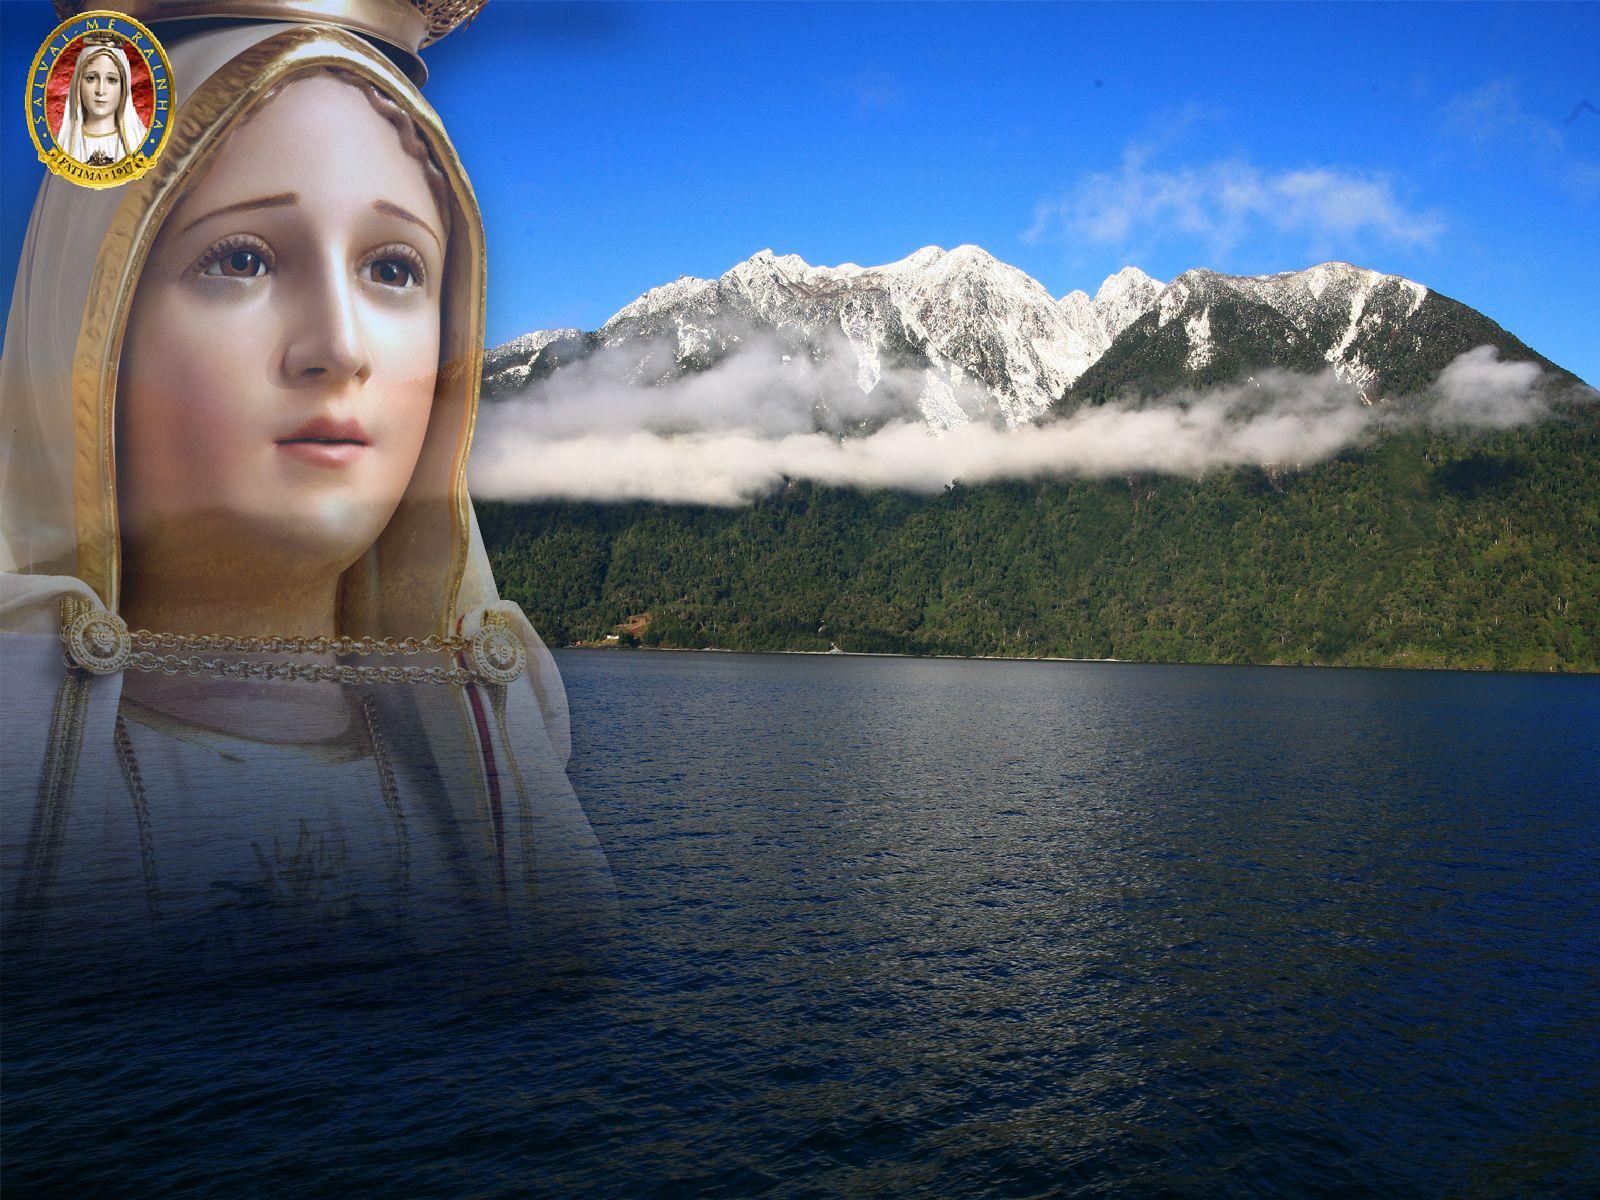 La Virgen de Fátima y el Milagro del Sol | indagadores